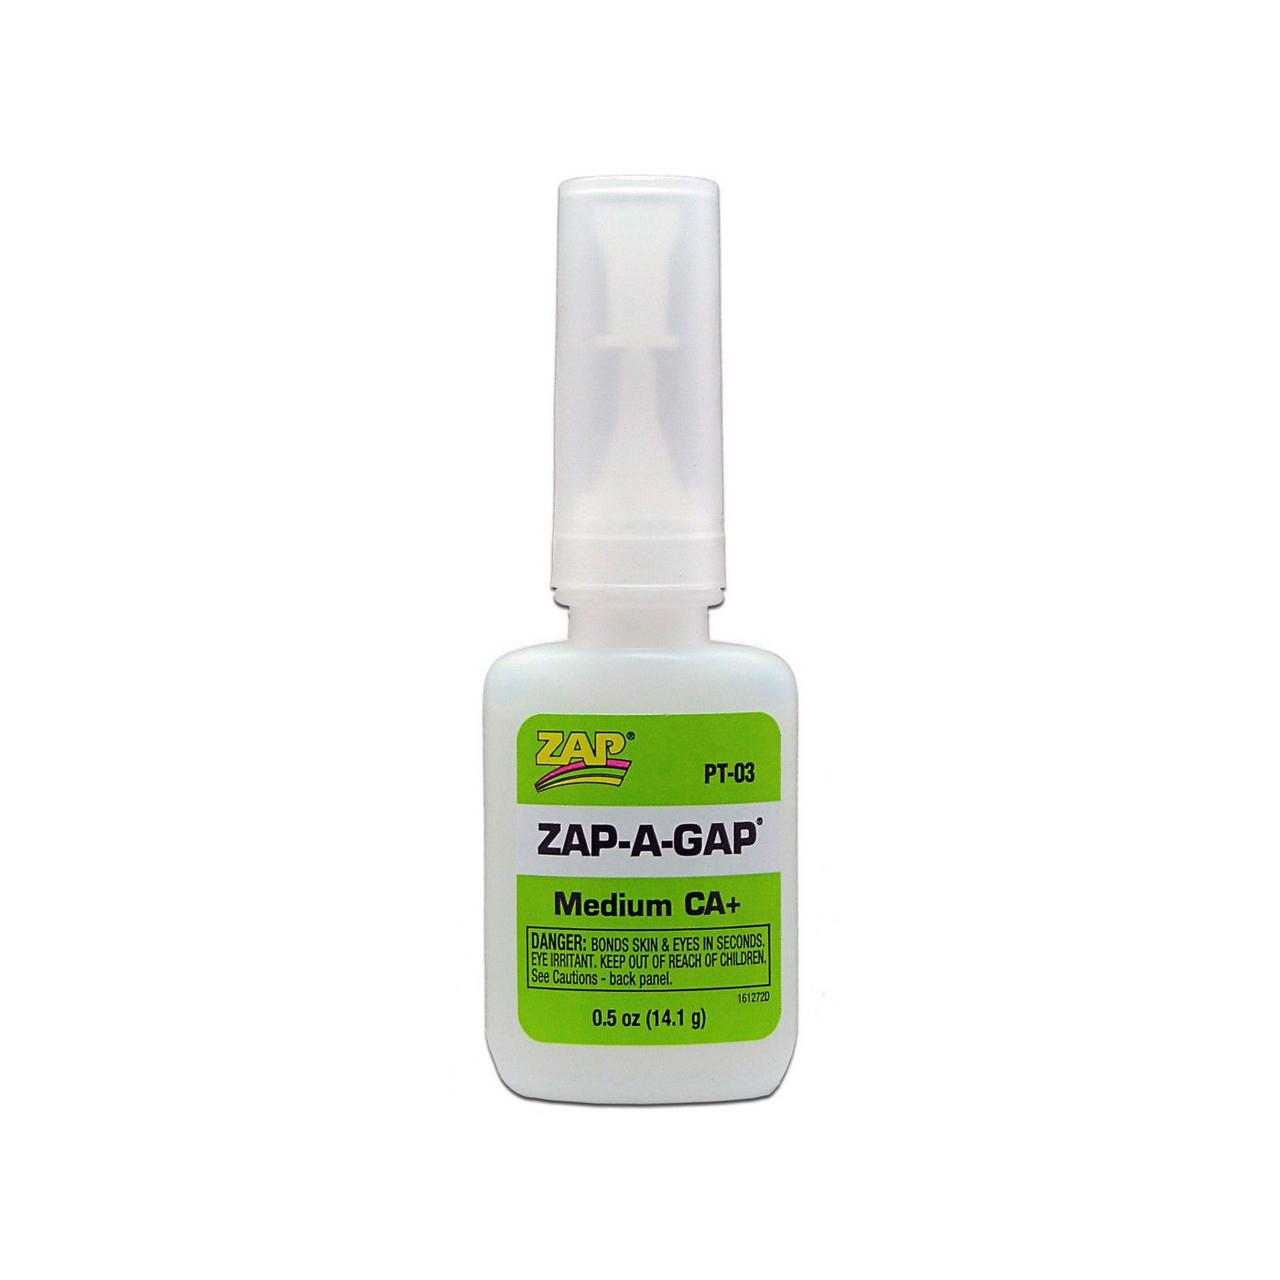 ZAP Glue PT03 - ZAP A Gap CA+ Glue, 1/2 oz